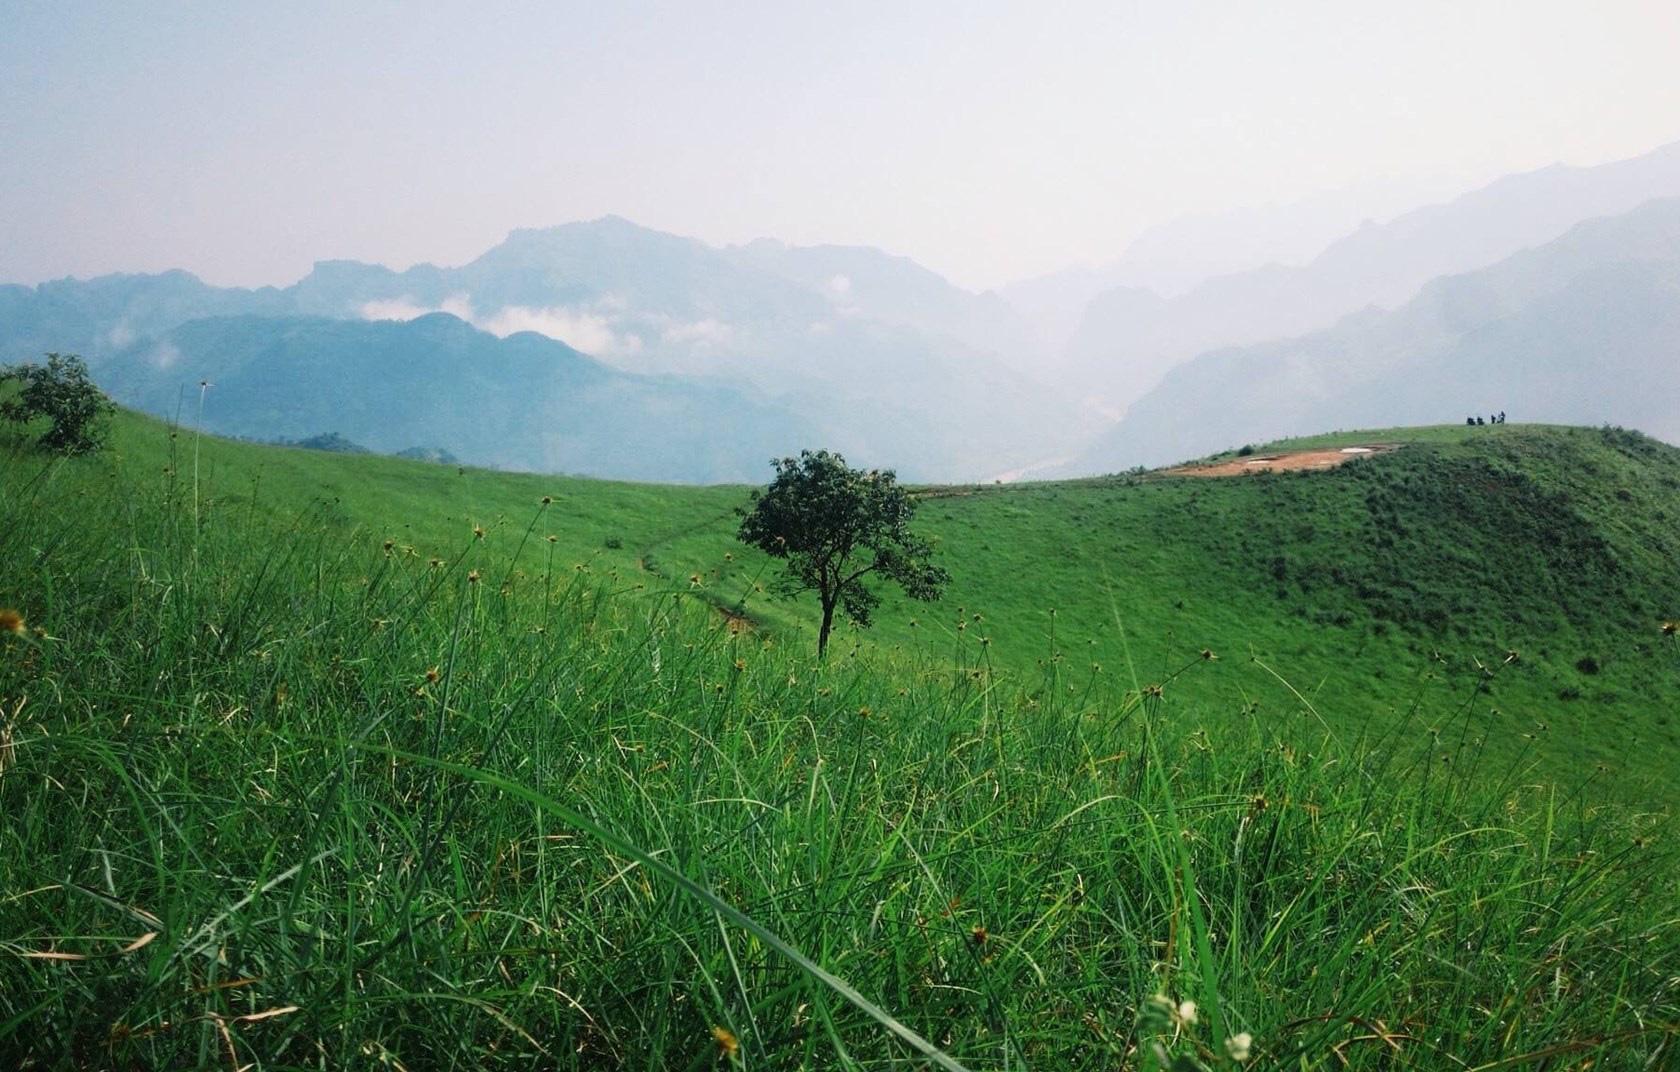 """Cao Bằng: Ở nơi này núi cỏ xanh rì, nằm xuống tha hồ ngắm """"thiên đường mây trắng"""" - Ảnh 4."""